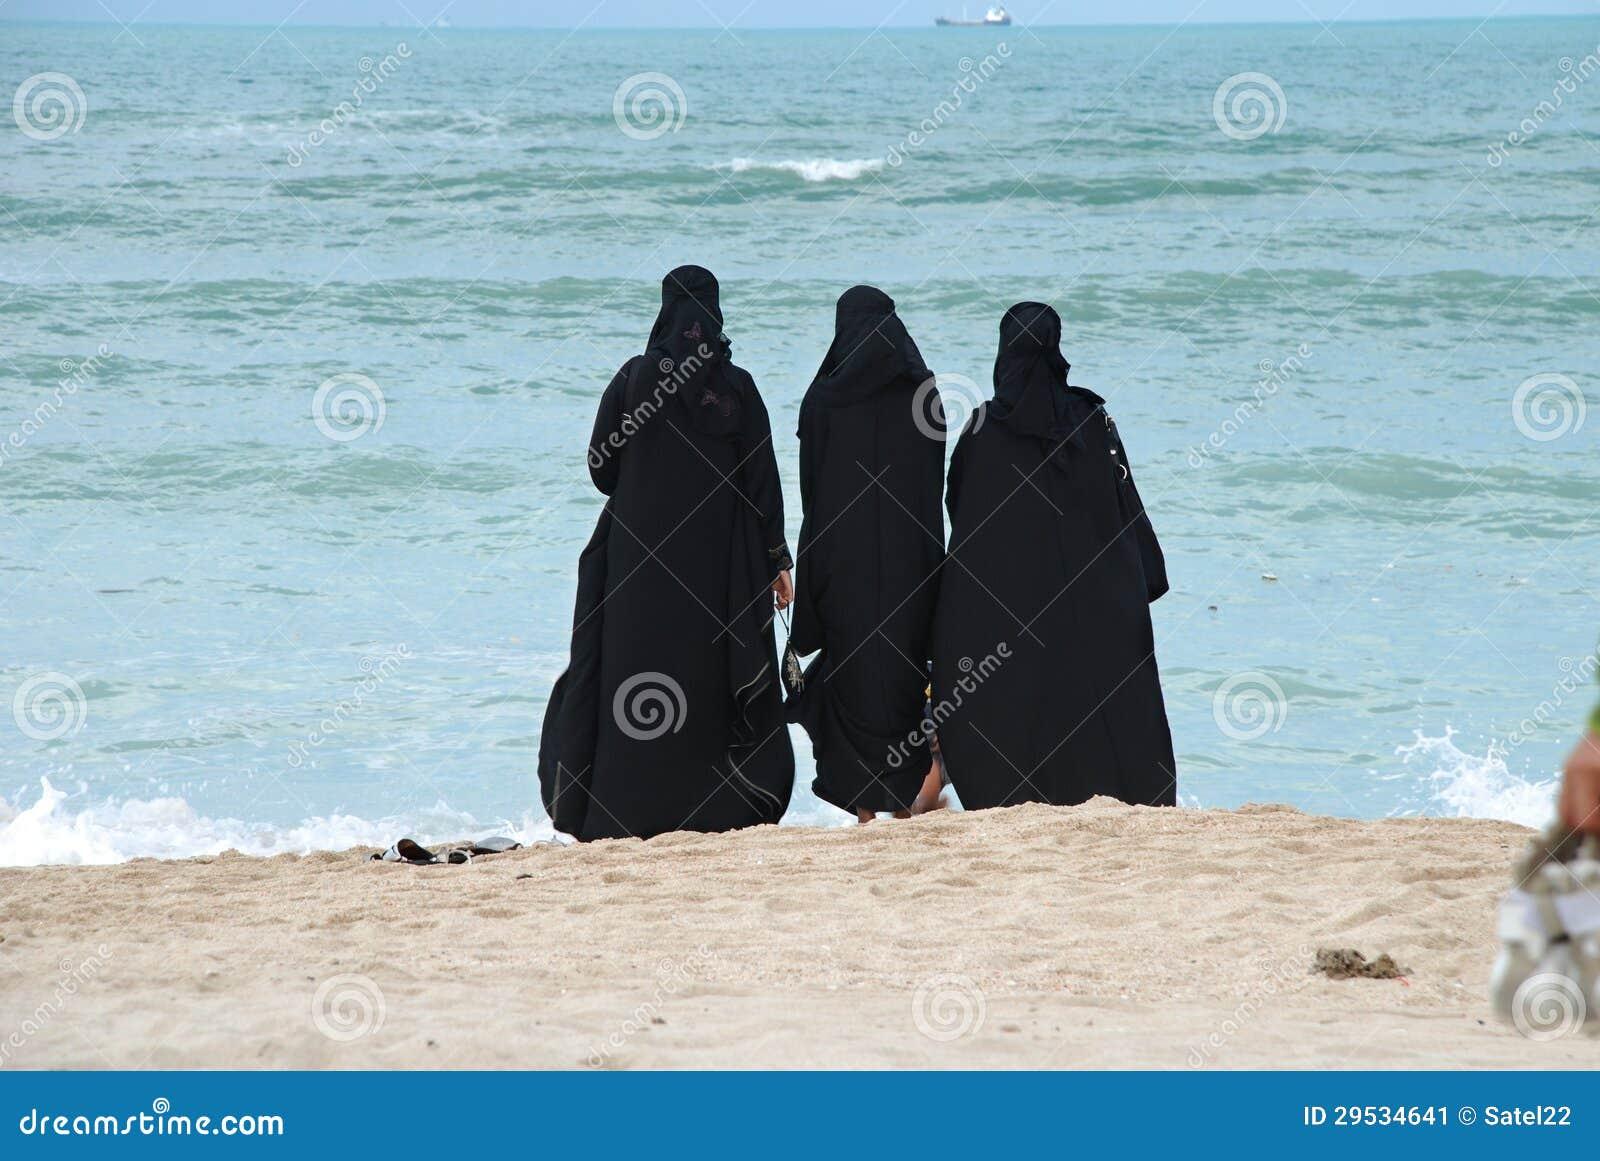 Groupe de femmes arabes